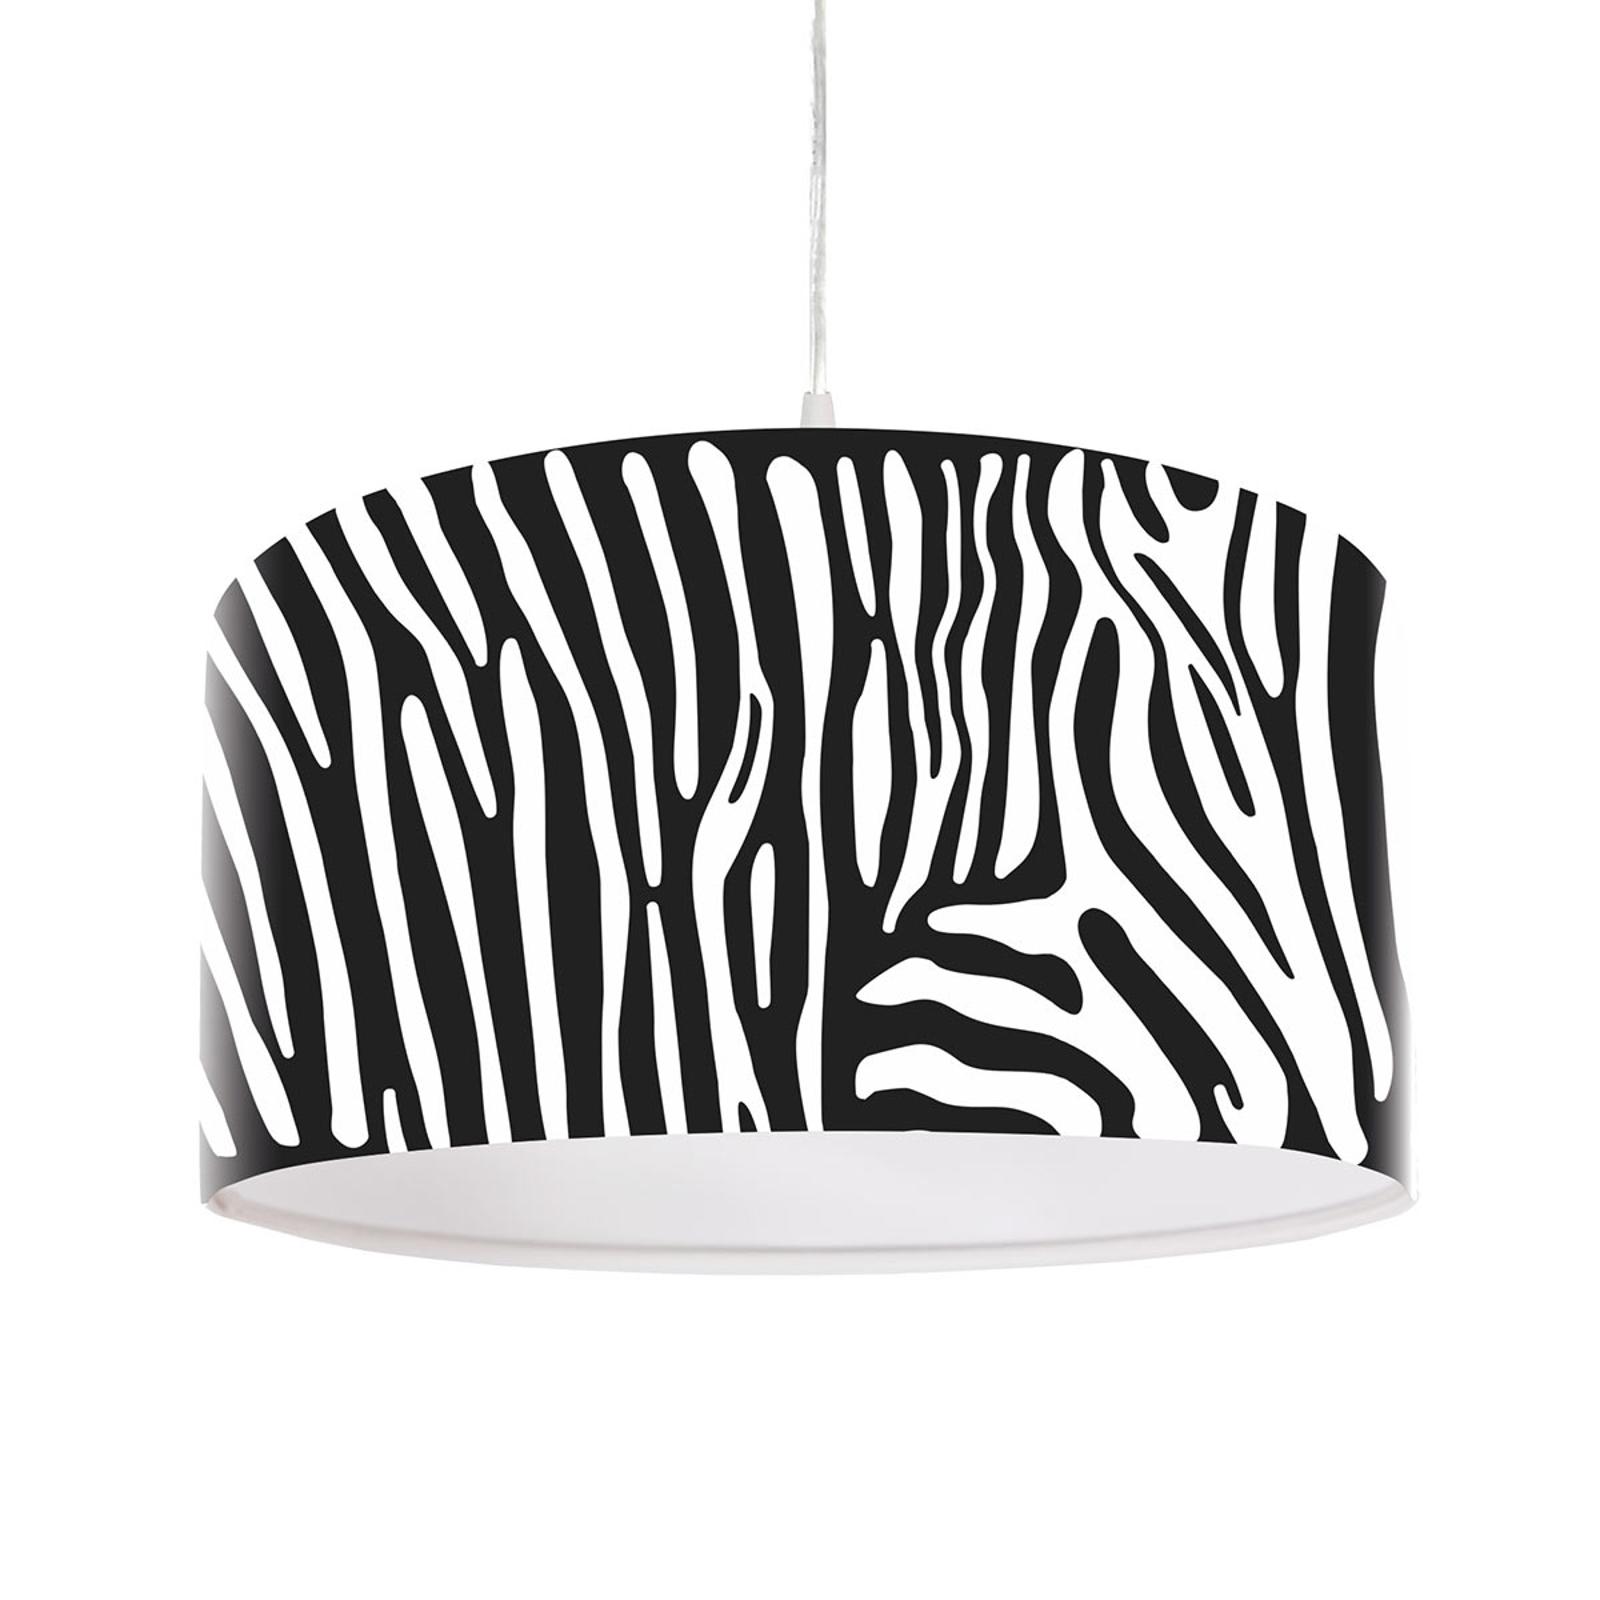 Lampa wisząca Zola z nadrukiem z paskami zebry